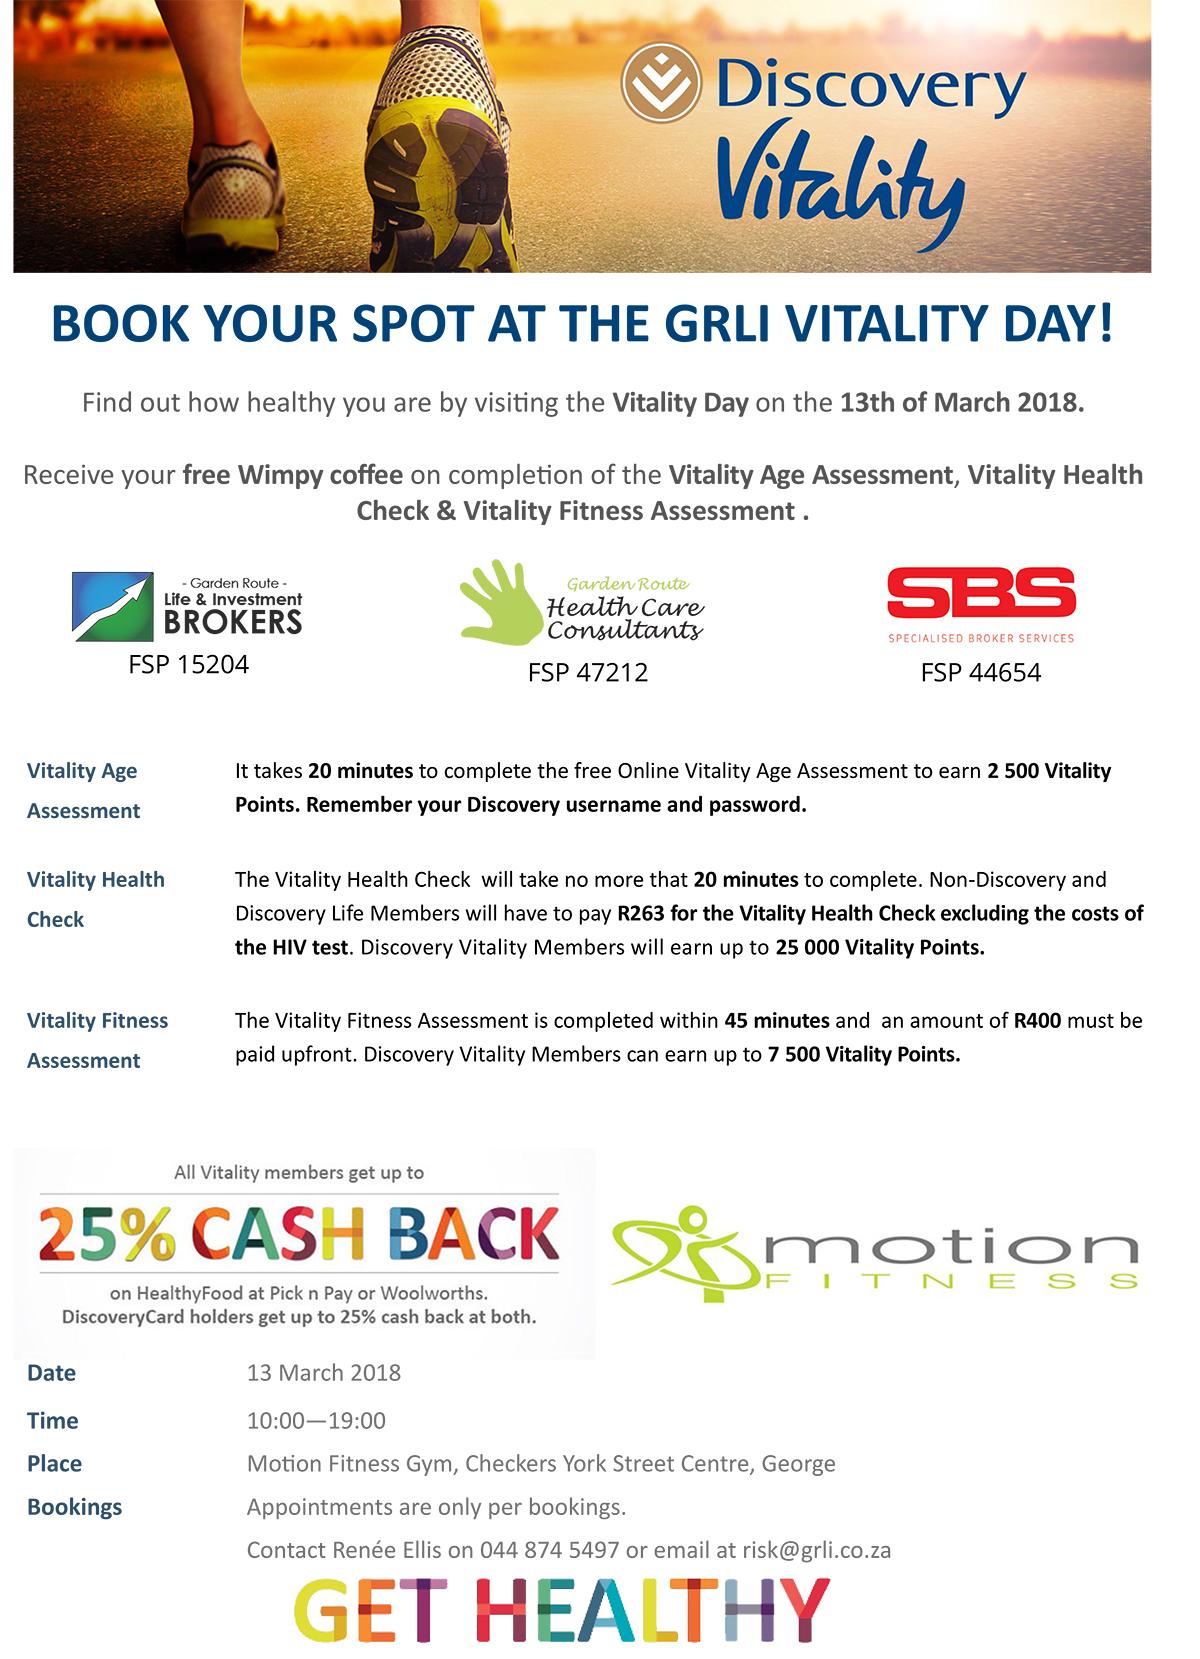 GRLI Vitality Day